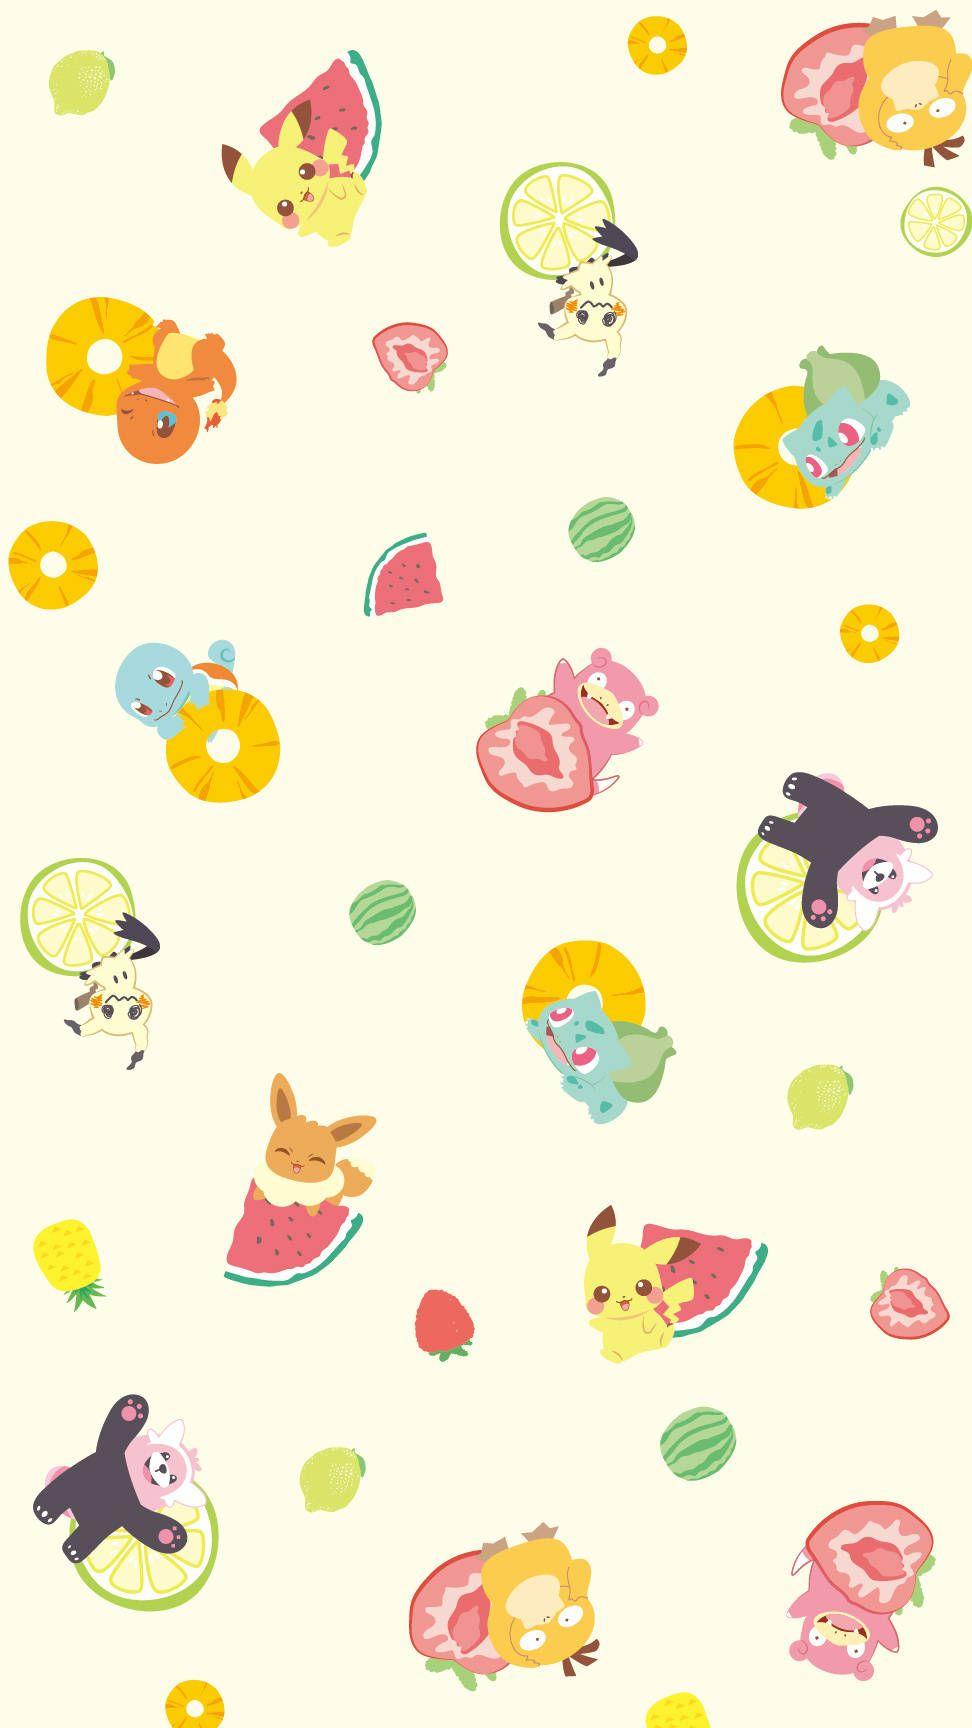 Sfondi Pikachu Wallpaper Cute Pokemon Wallpaper Pokemon Wallpapers